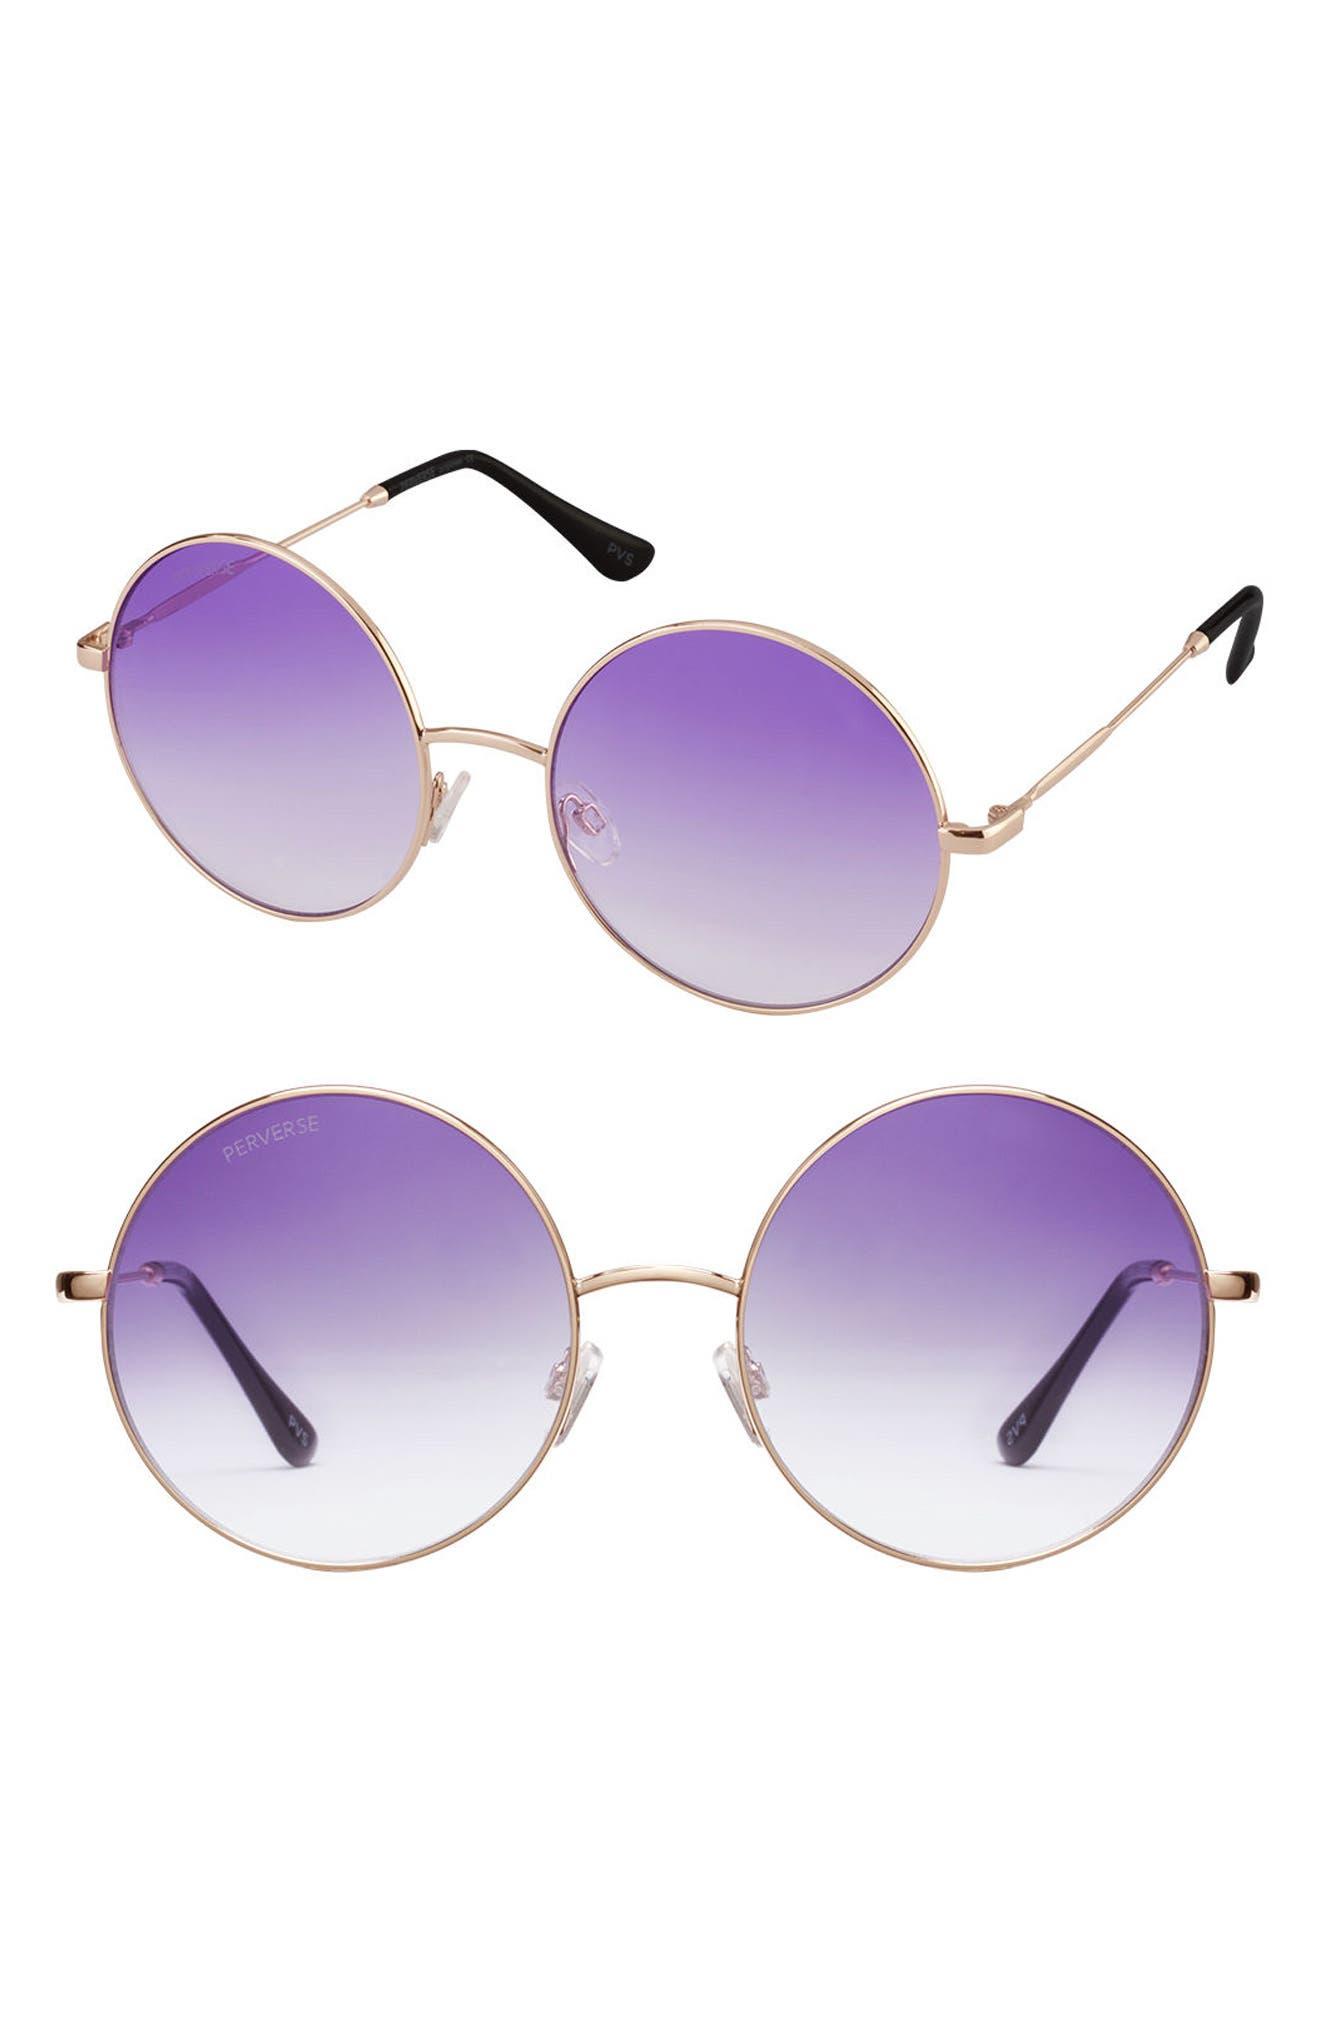 PERVERSE Soleil Gradient Lens Round Sunglasses